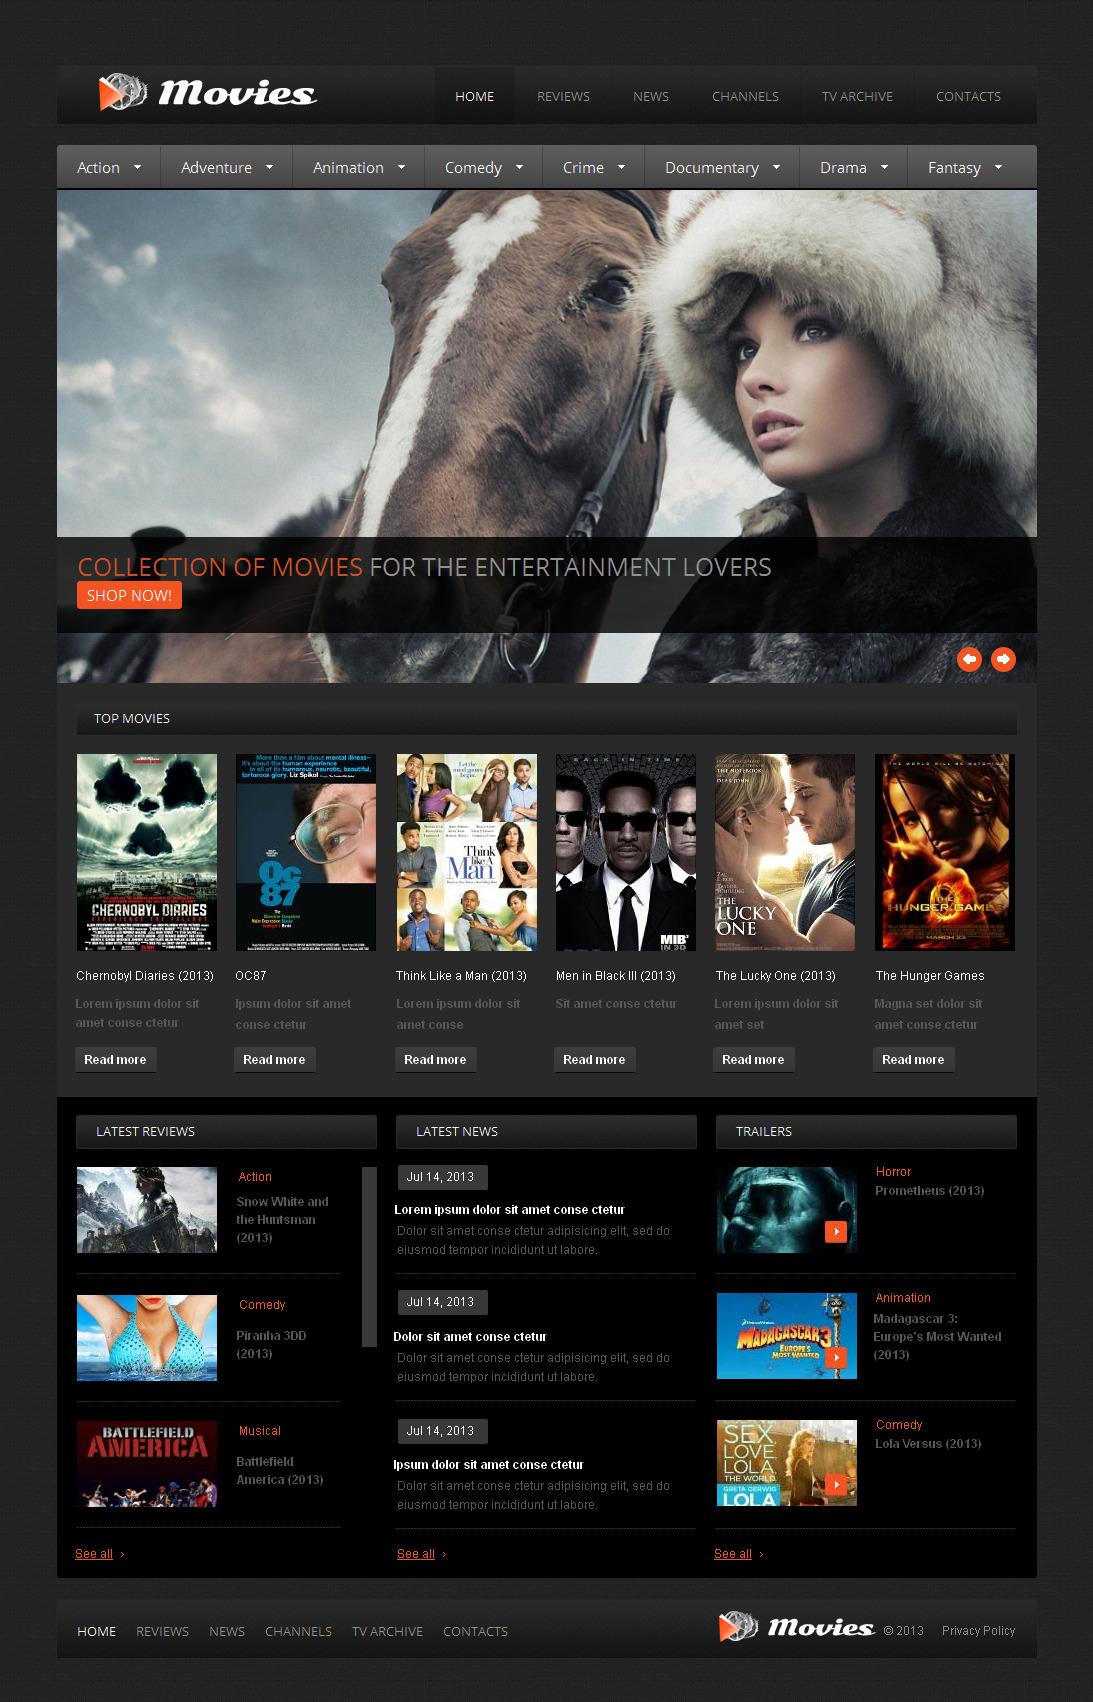 Modèle Moto CMS HTML Premium pour site de films #42707